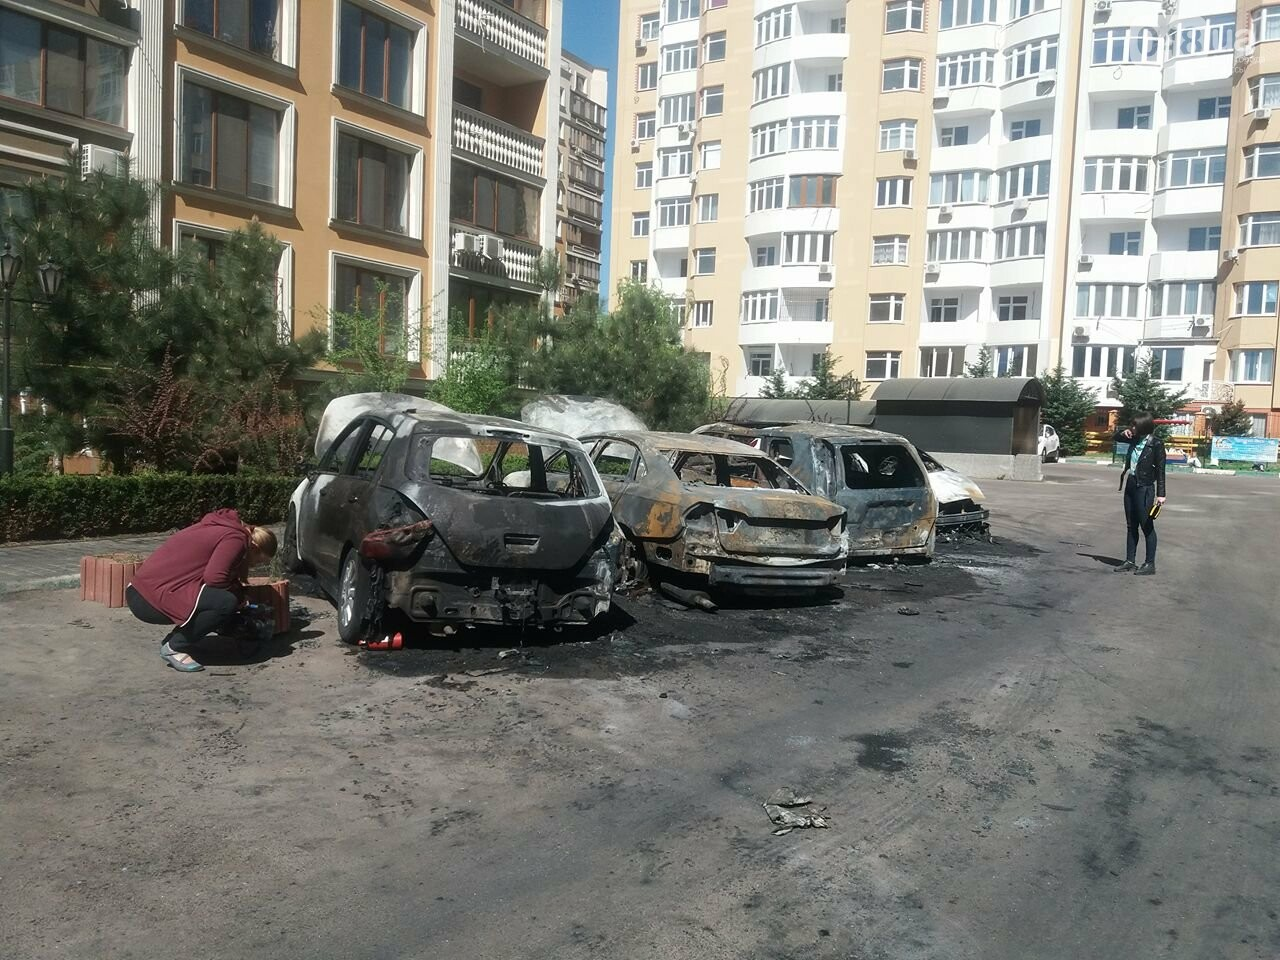 Сгоревшие авто на утро после пожара: что говорят одесситы (ФОТО, ВИДЕО), фото-12